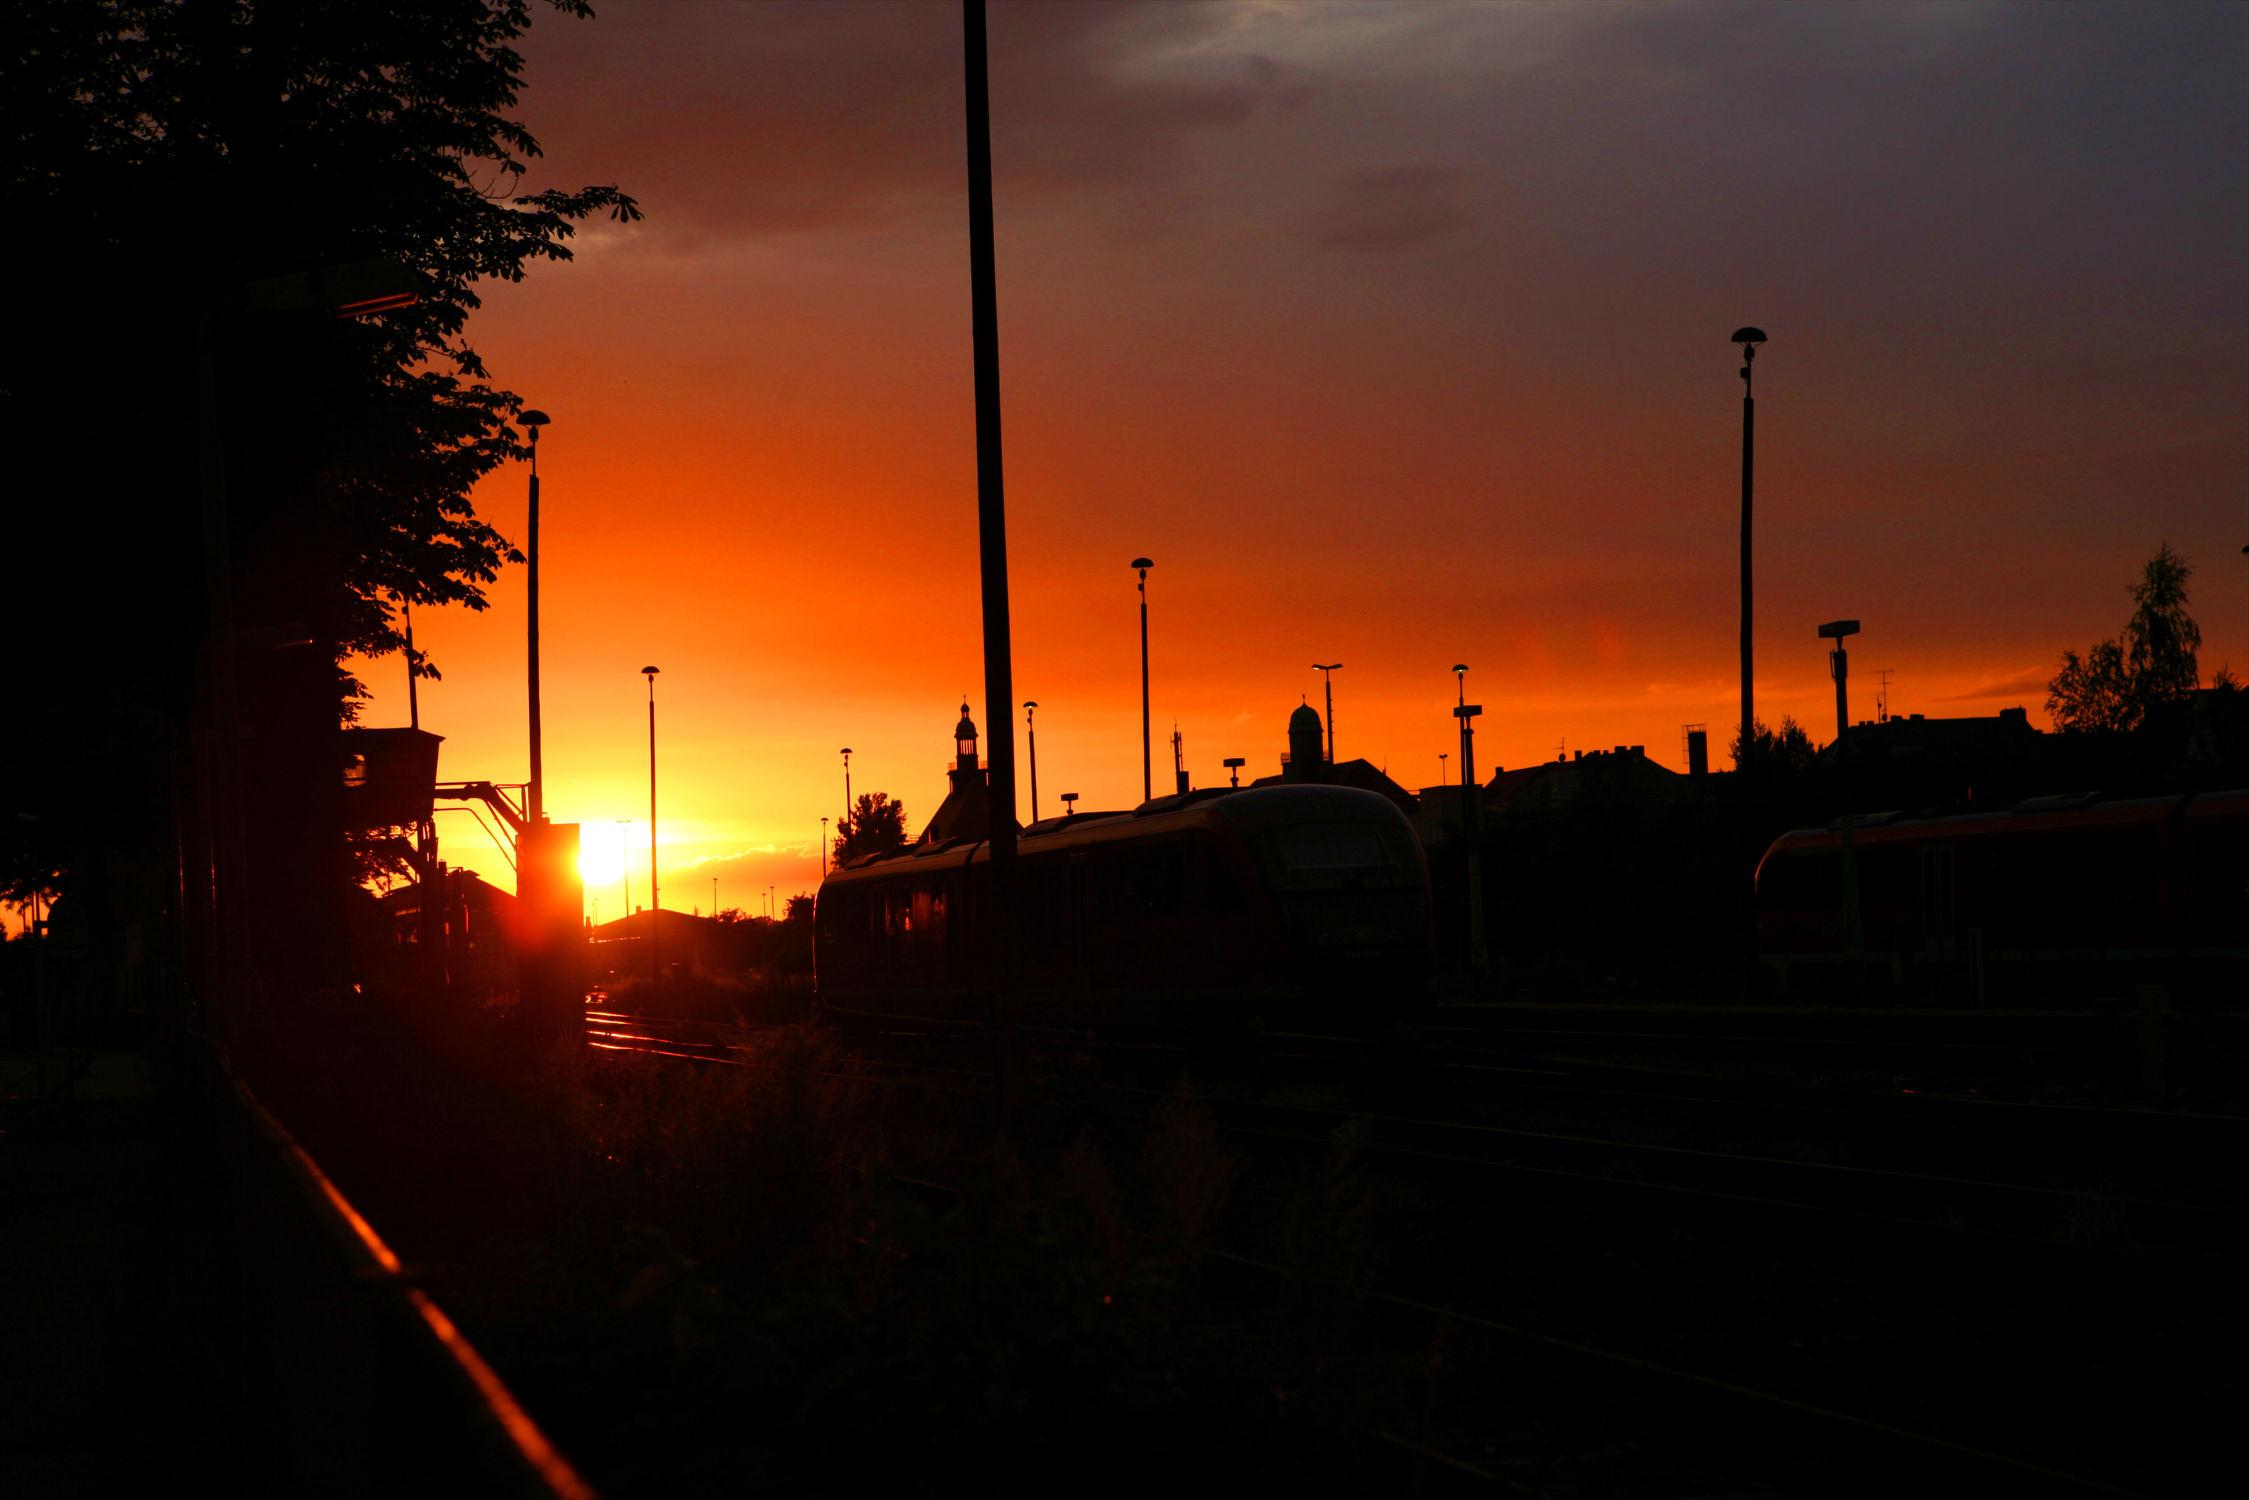 Bild mit Natur, Sonnenuntergang, Sonnenaufgang, Sonne, Sonnenschein, sun, sunshine